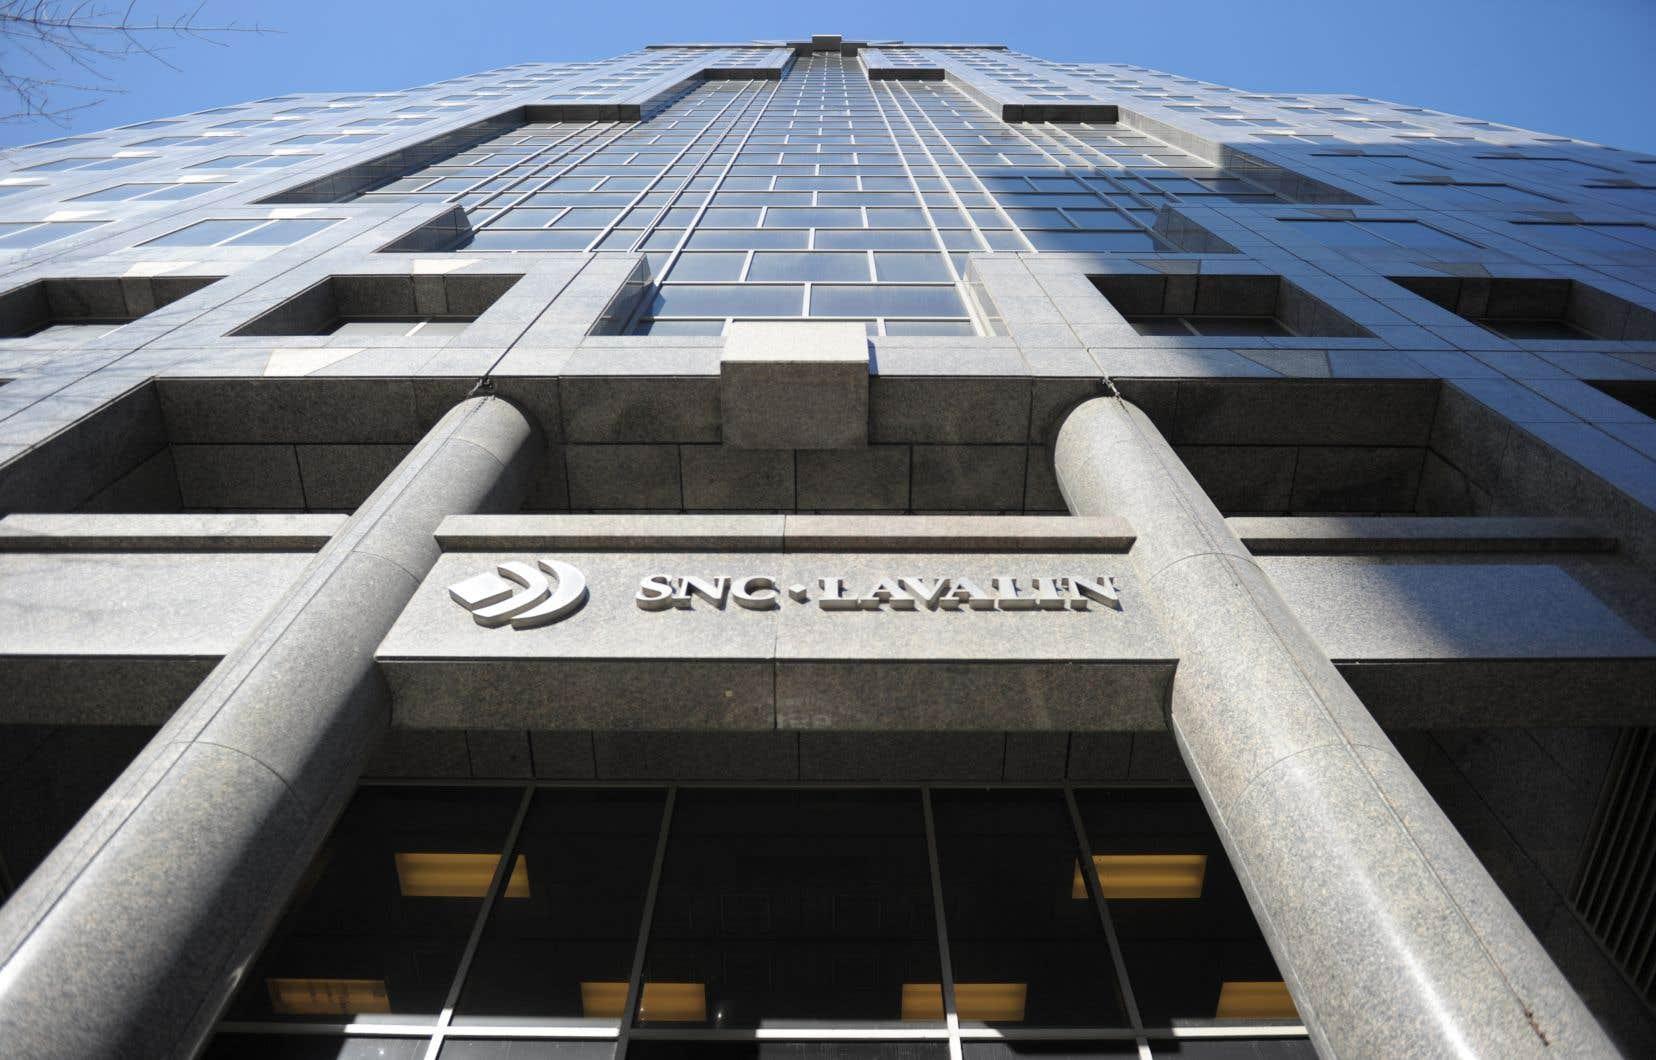 Vendredi, SNC-Lavalin a subi un revers dans sa tentative d'éviter un procès. La Cour fédérale a rejeté sa demande de révision de la décision du fédéral de ne pas négocier un accord de réparation avec elle.<span style=